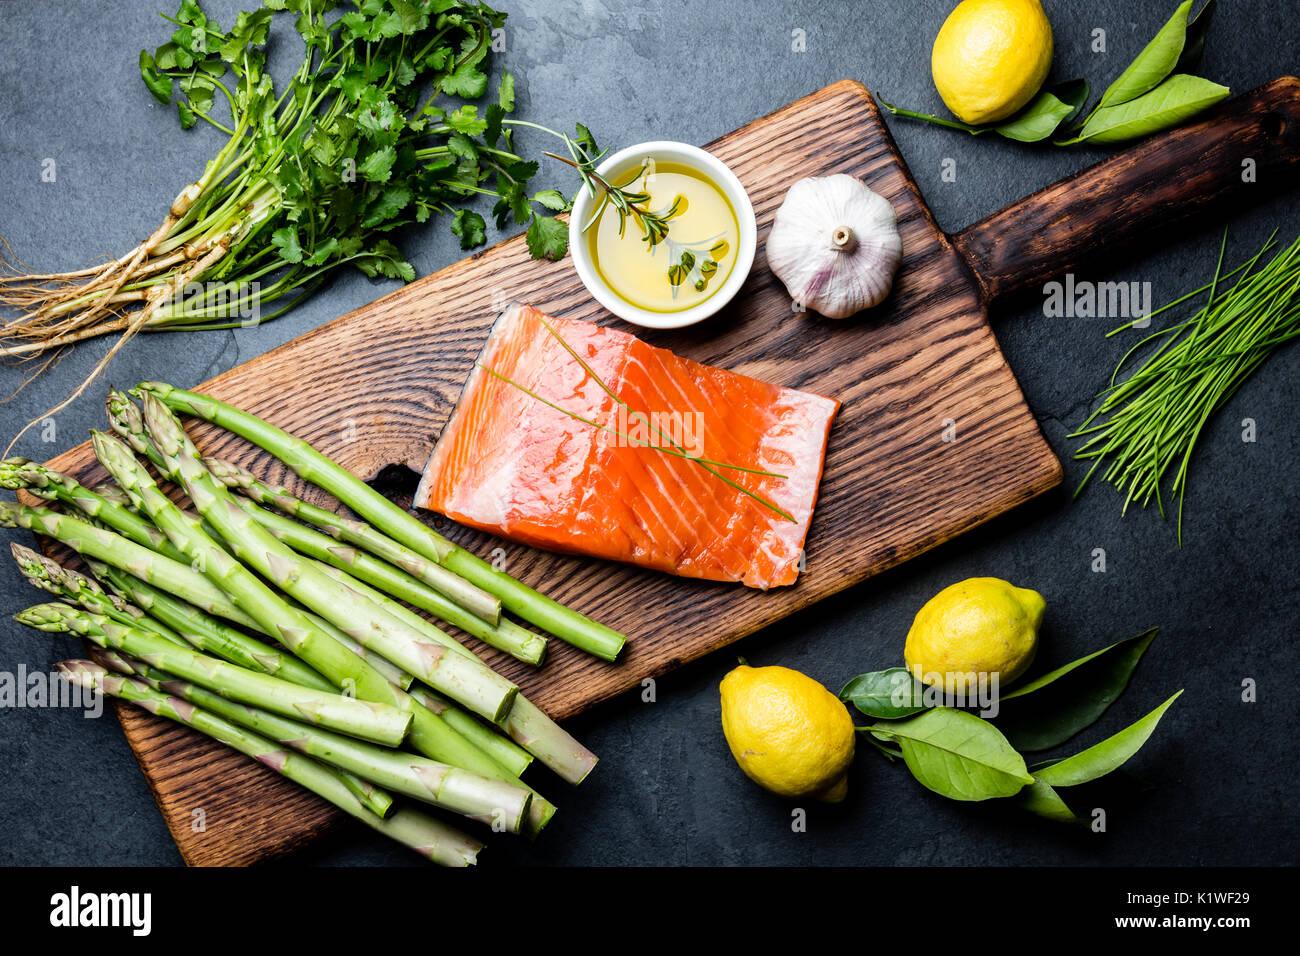 Ingrédients pour la cuisson. Filet de saumon cru, les asperges et les herbes sur planche de bois. Arrière-plan de cuisson des aliments avec l'exemplaire de l'espace. Vue d'en haut Photo Stock